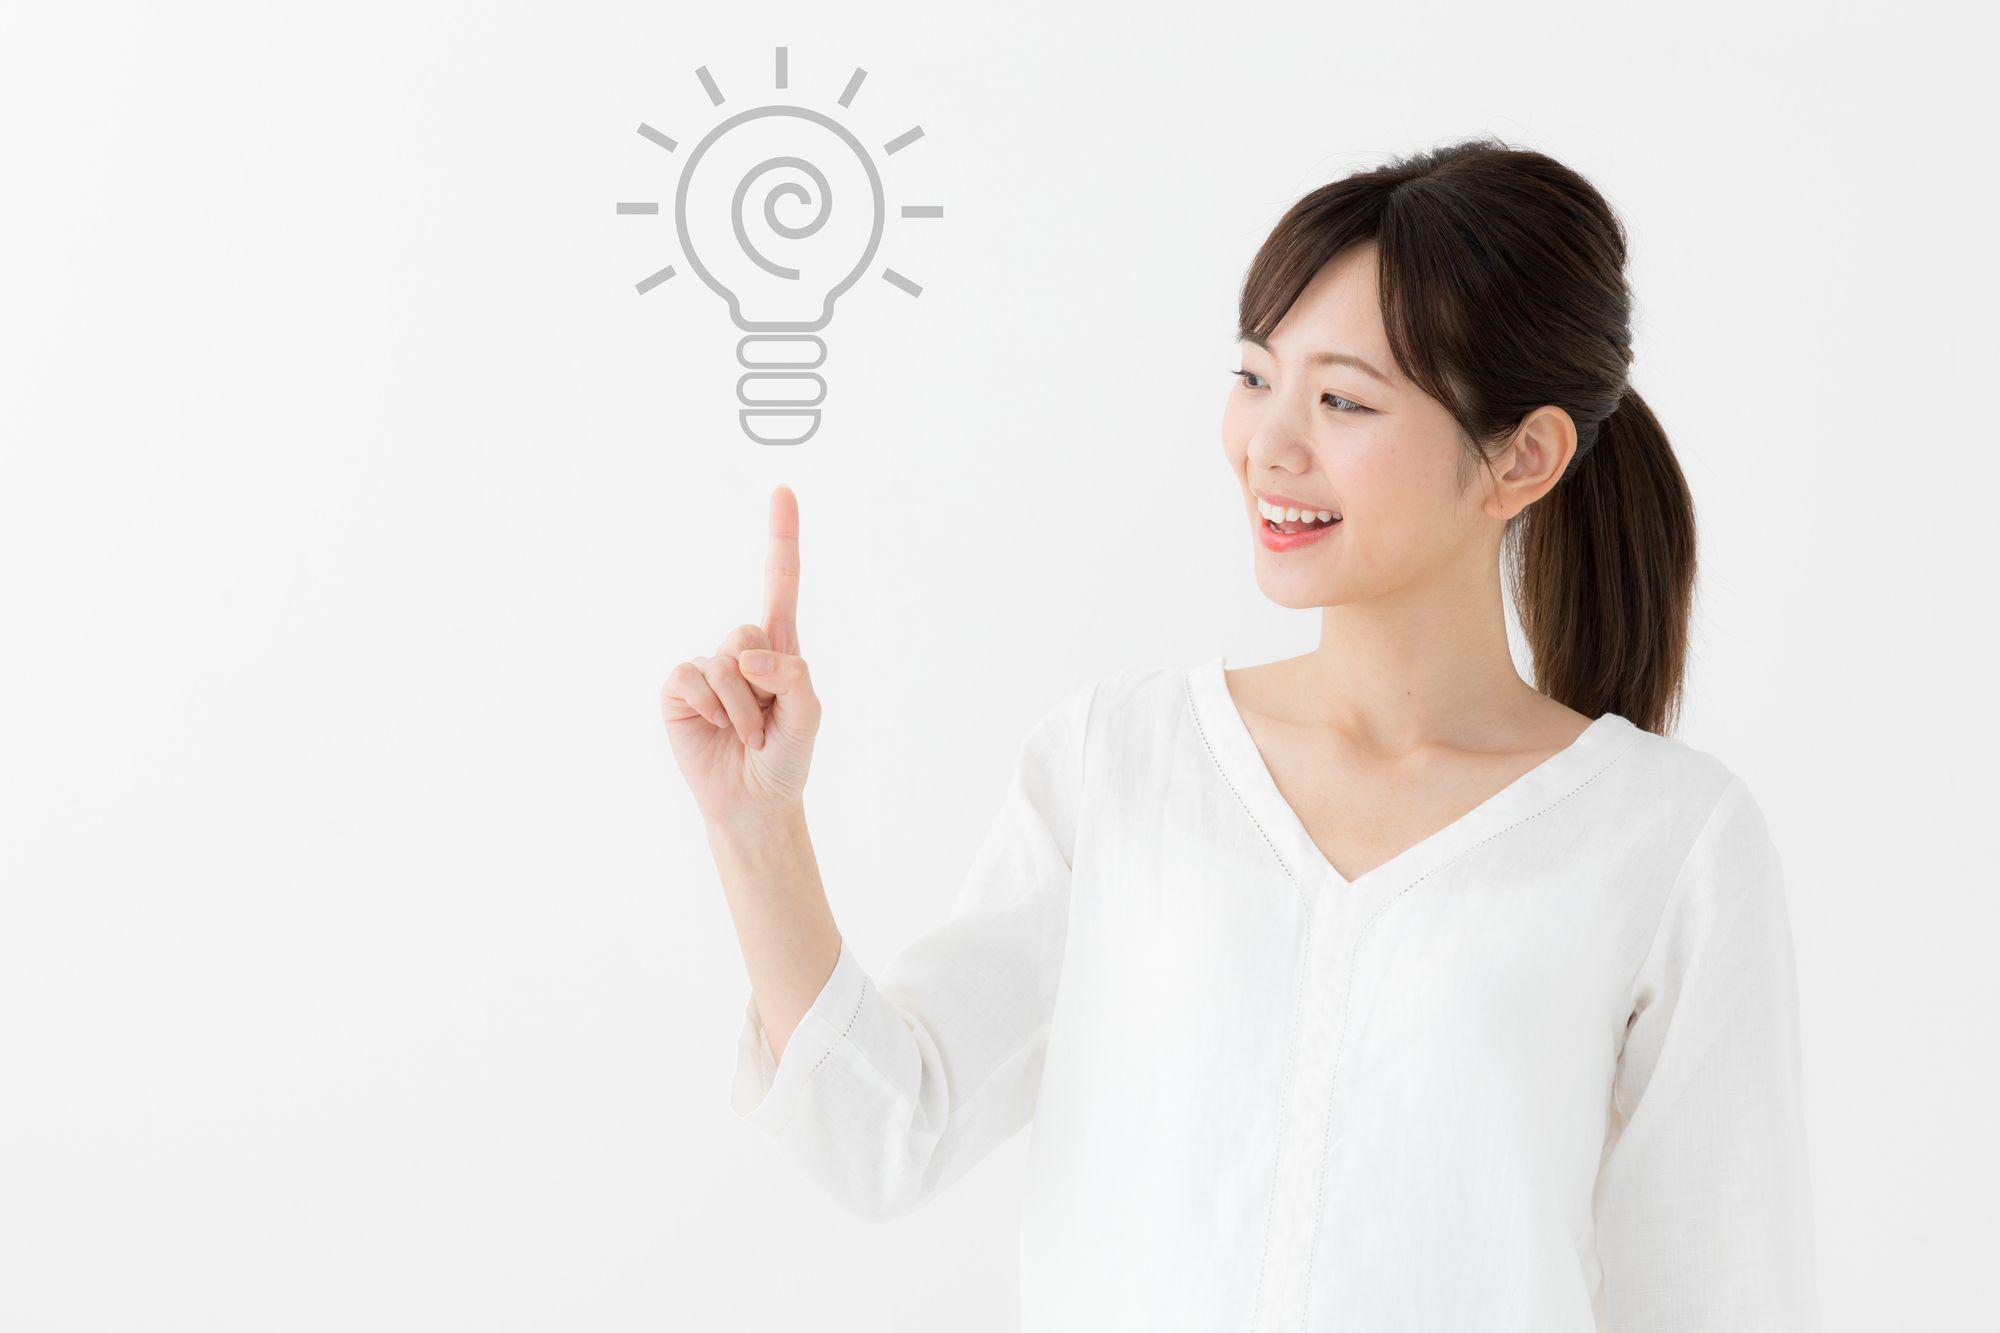 家庭用太陽光で注目されている「PPAモデル」とは